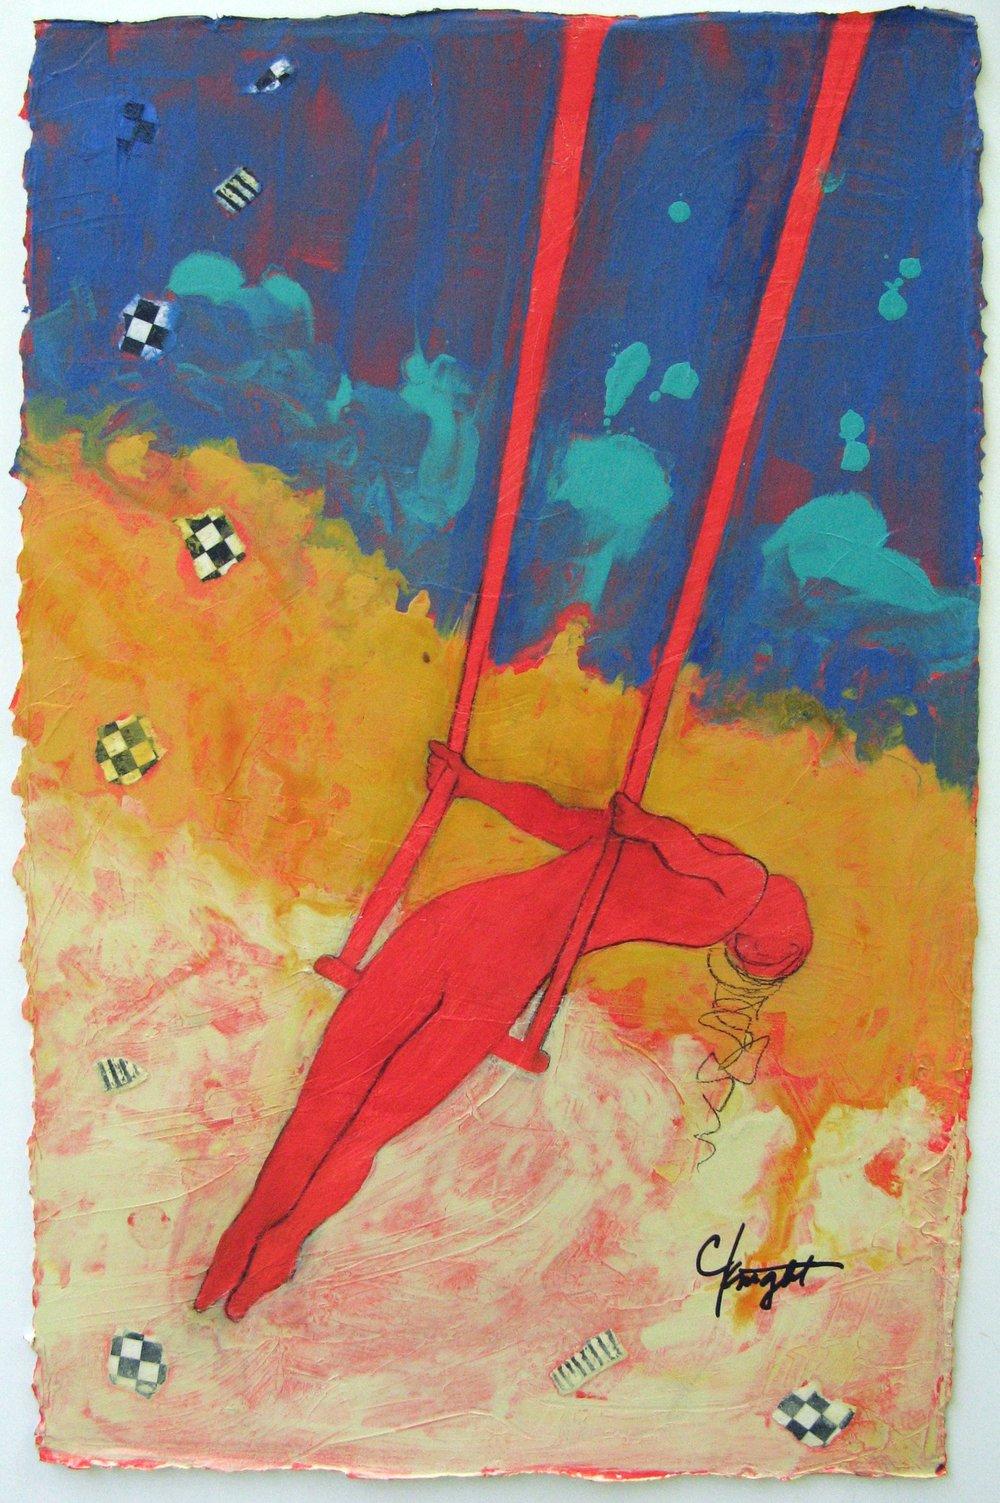 'Cirque No. 3'